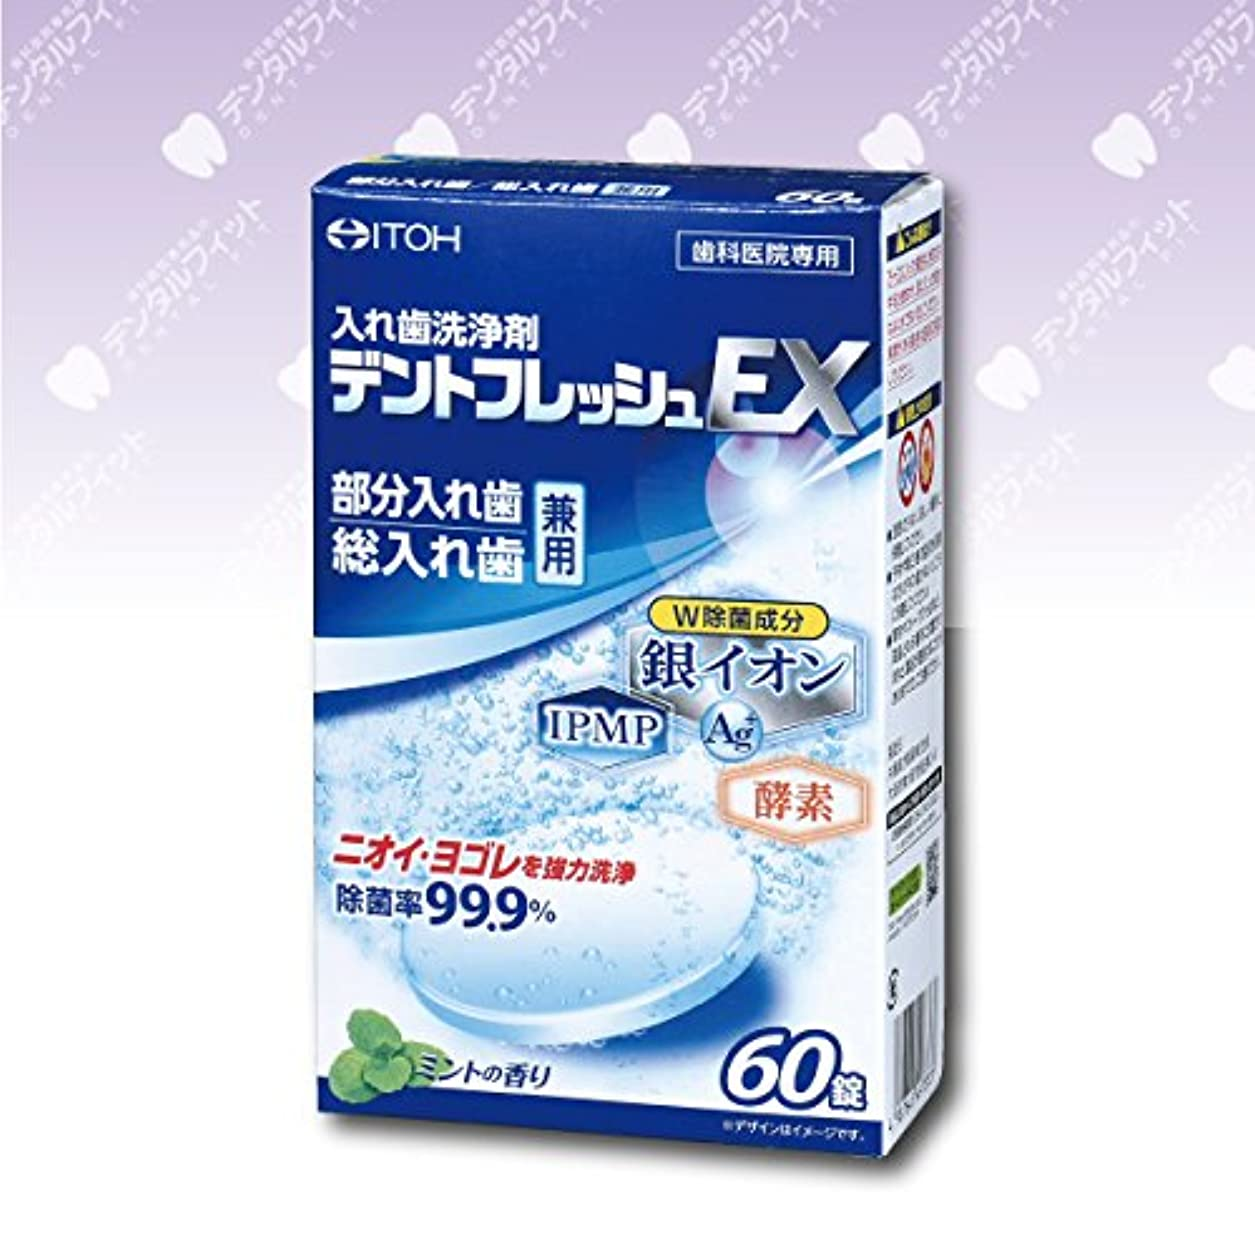 スキニーアルコーブフィドル入れ歯洗浄剤 デントフレッシュEX 1箱(60錠)